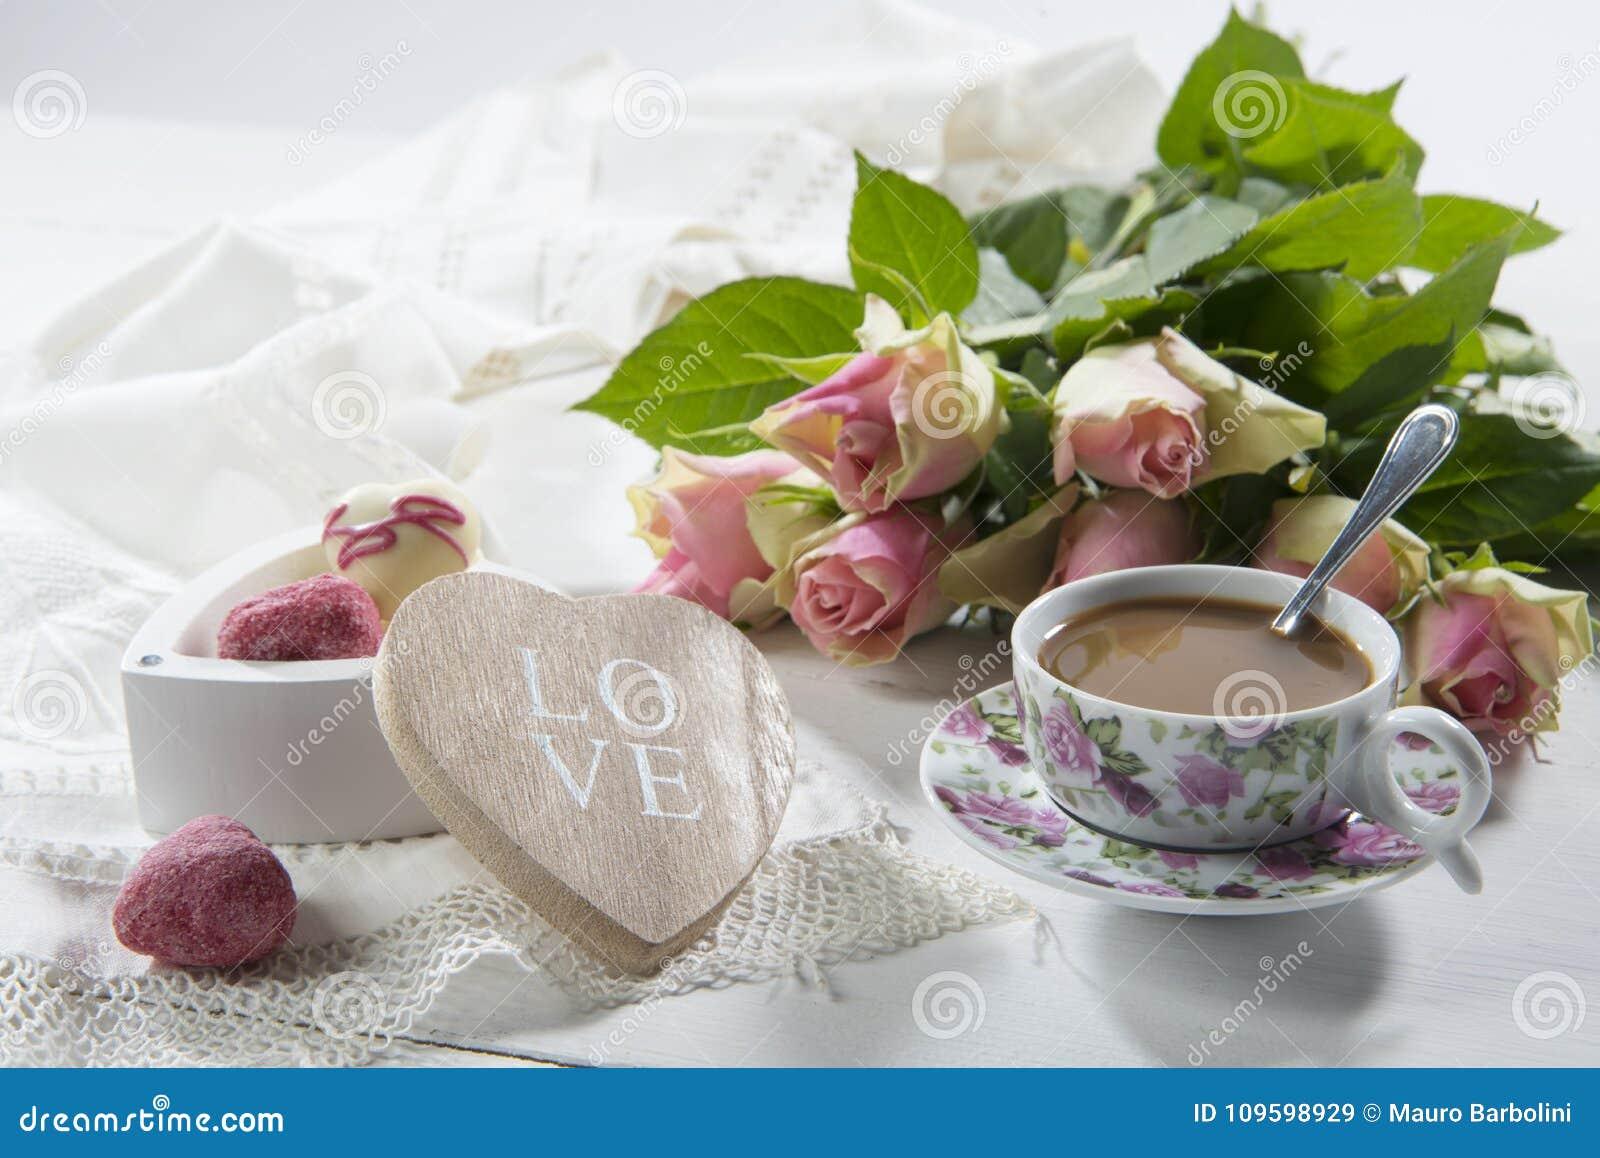 ESCROQUERIE DOLCI E ROSE DE CAFFELATTE ROMANTICO